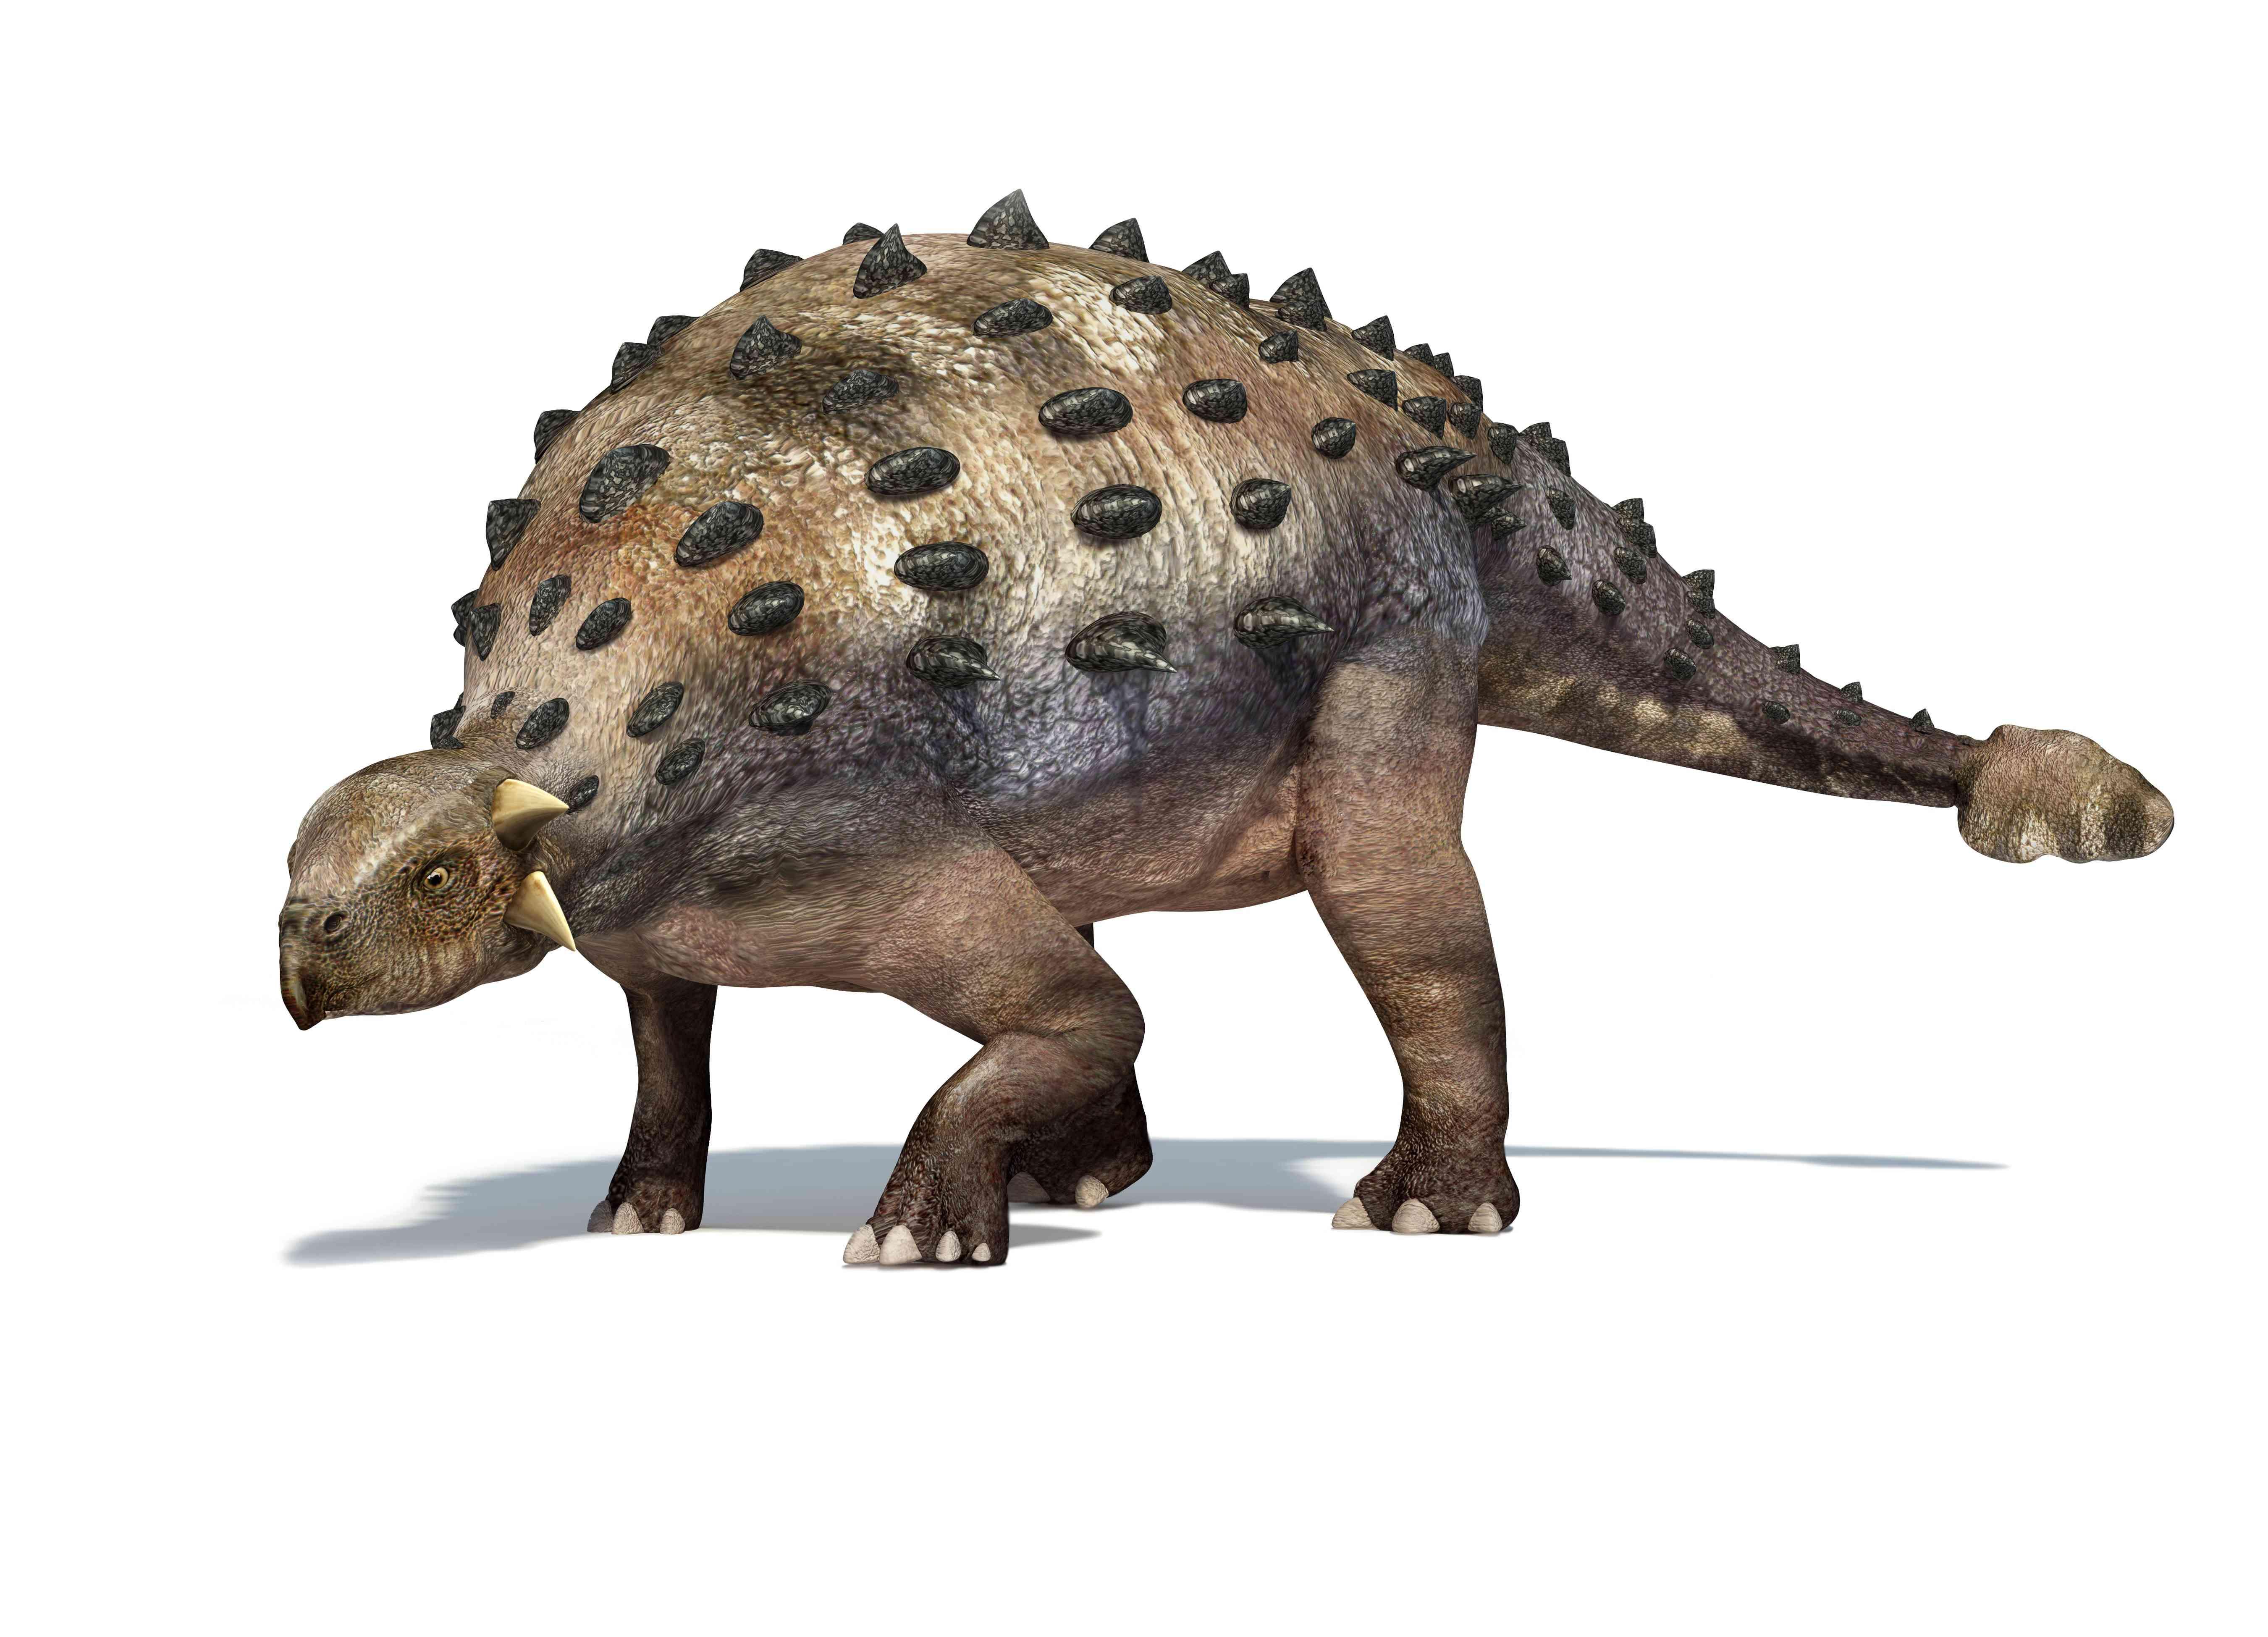 Ankylosaur dinosaur, artwork